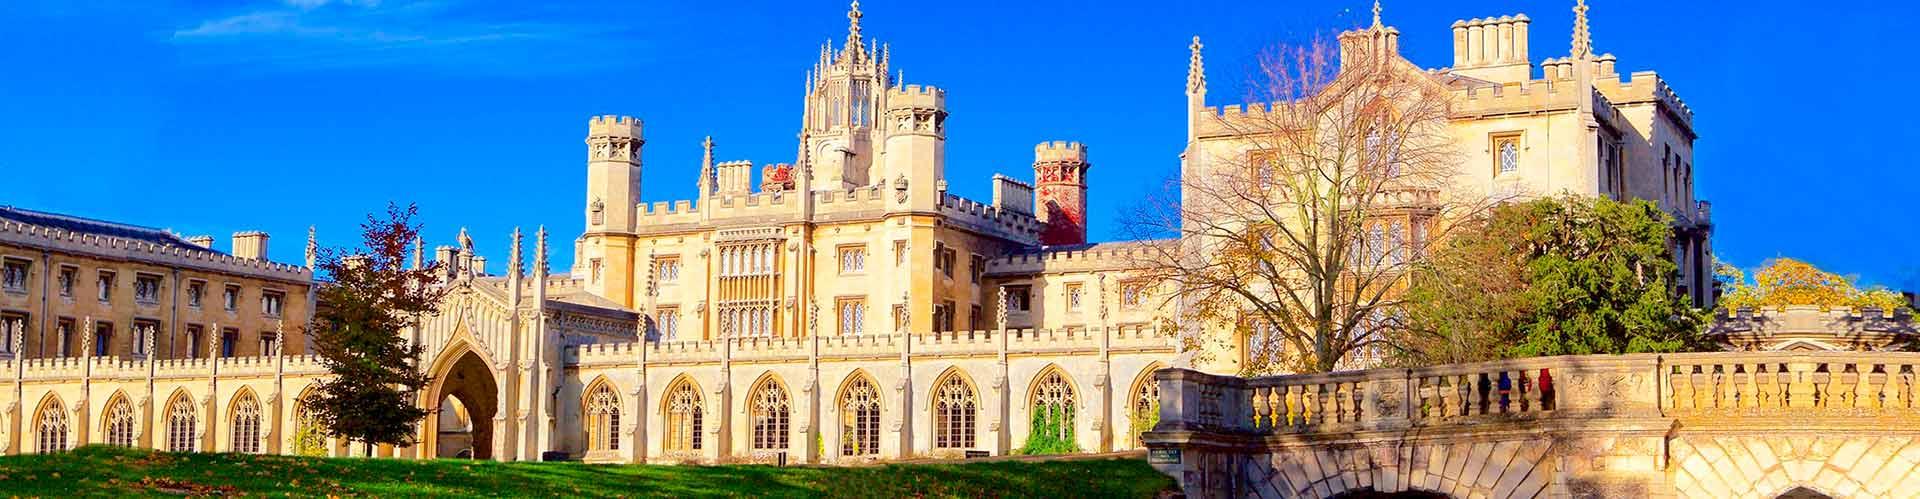 free tour Cambridge – turismo Reino Unido